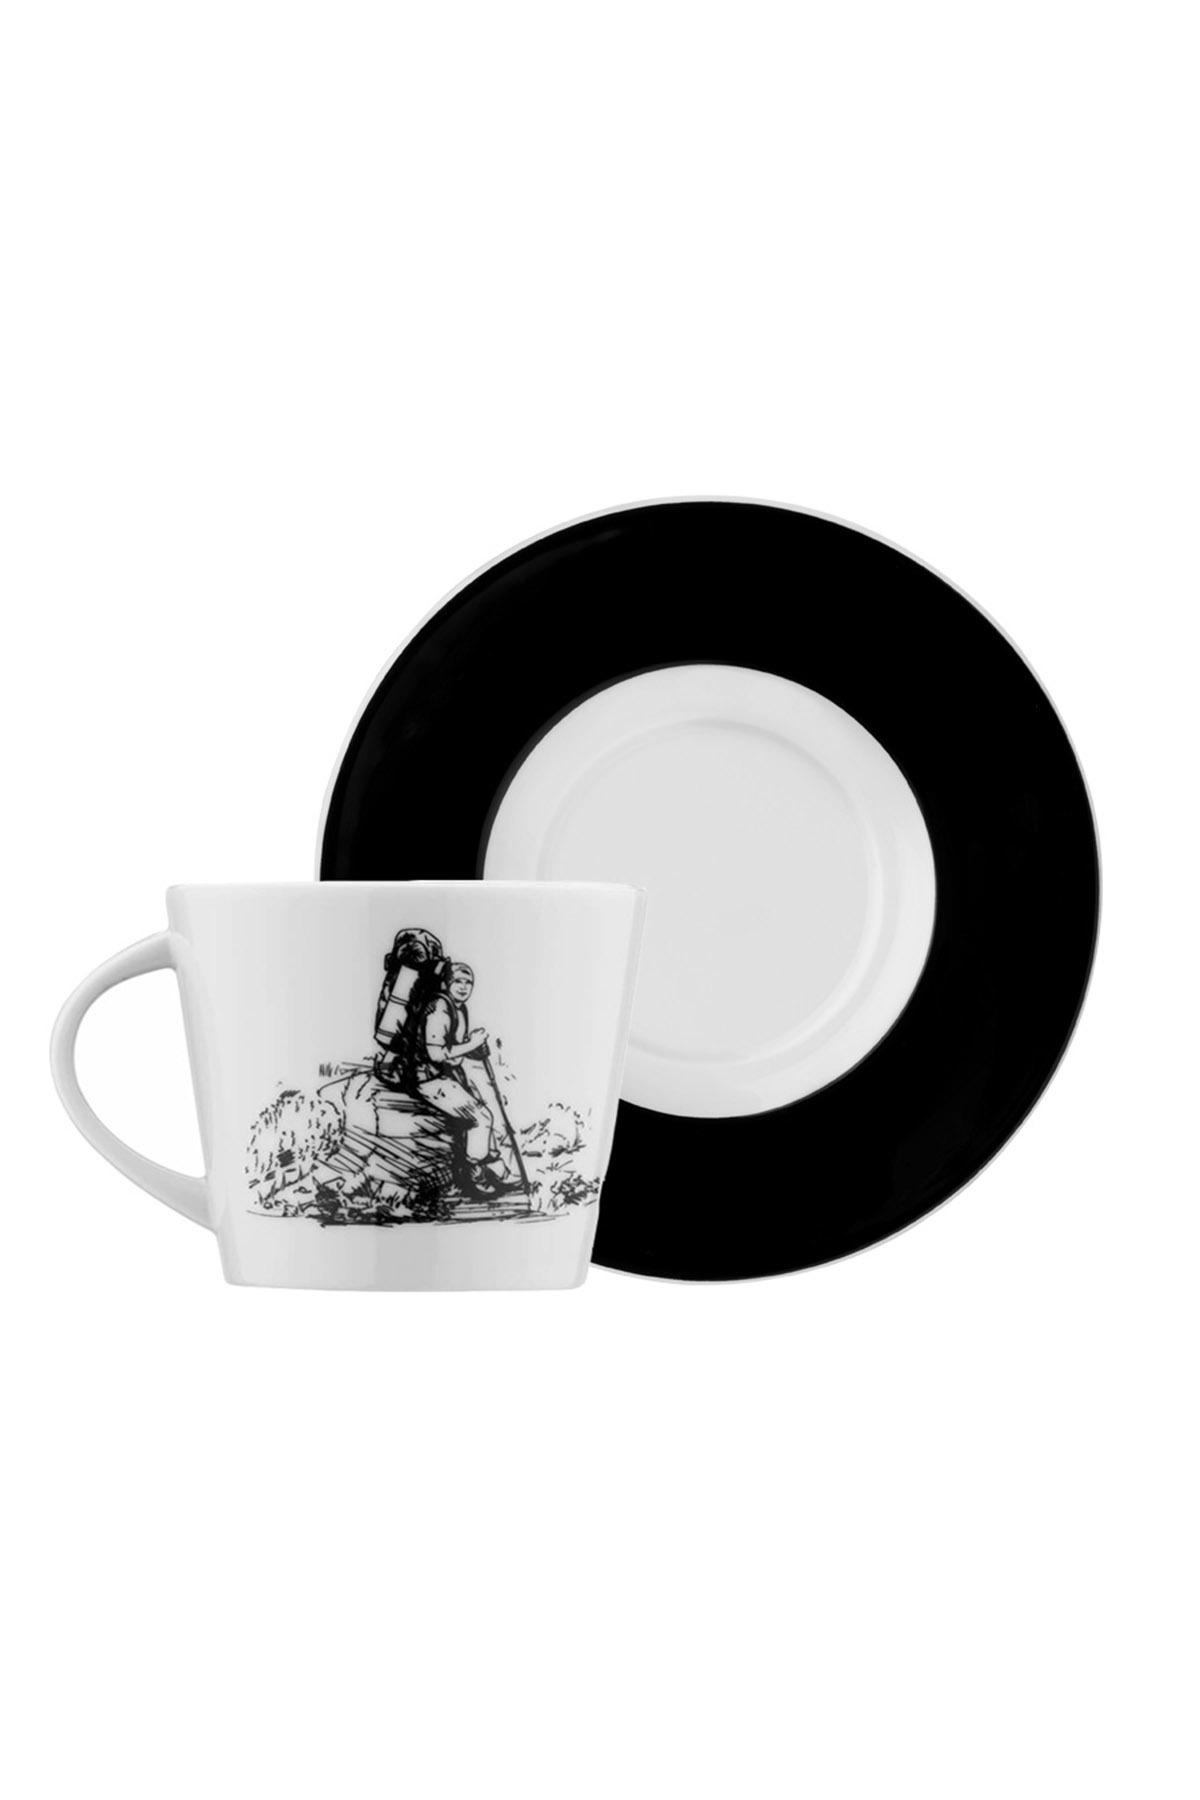 Kütahya Porselen - Kütahya Porselen Centilmen Serisi Kahve Fincan Takımı Dağcı